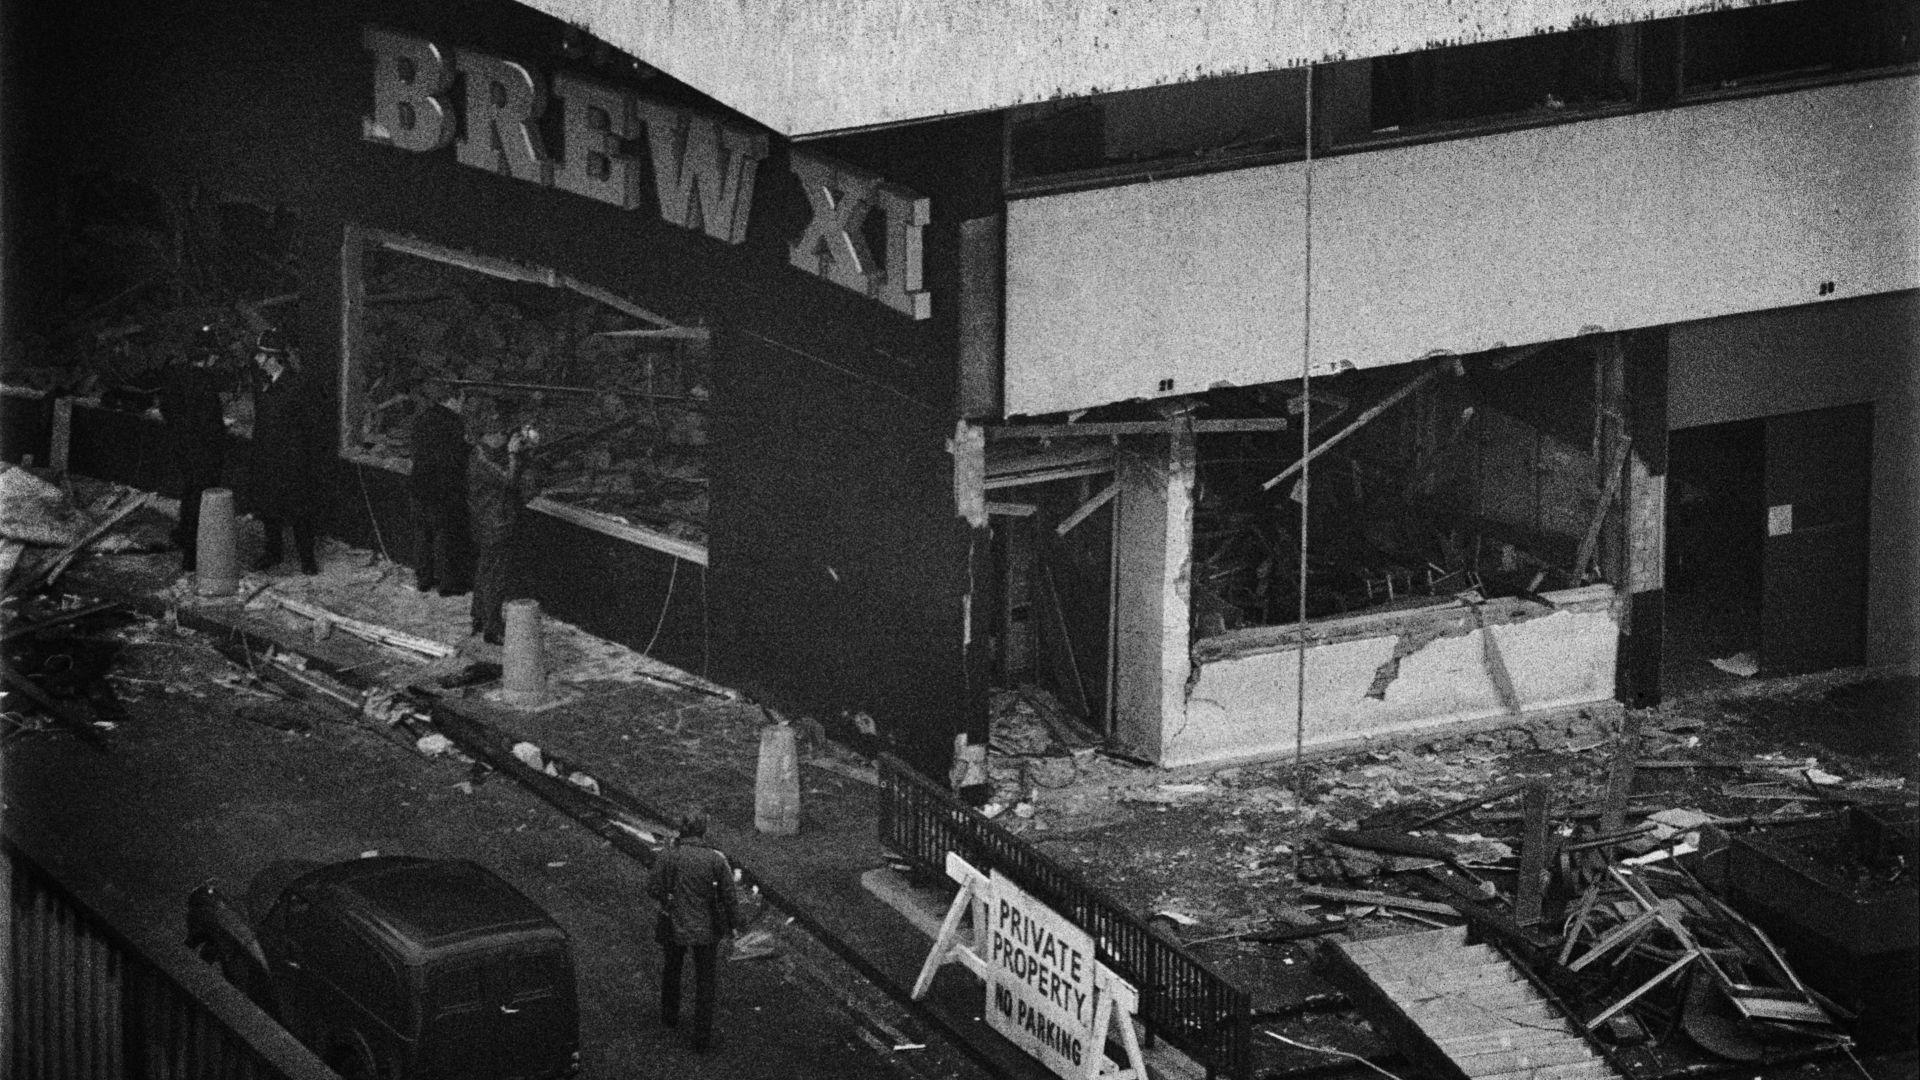 """46 г. след най-кървавите атаки от """"Смутните времена"""", полицията извърши арест в Белфаст"""